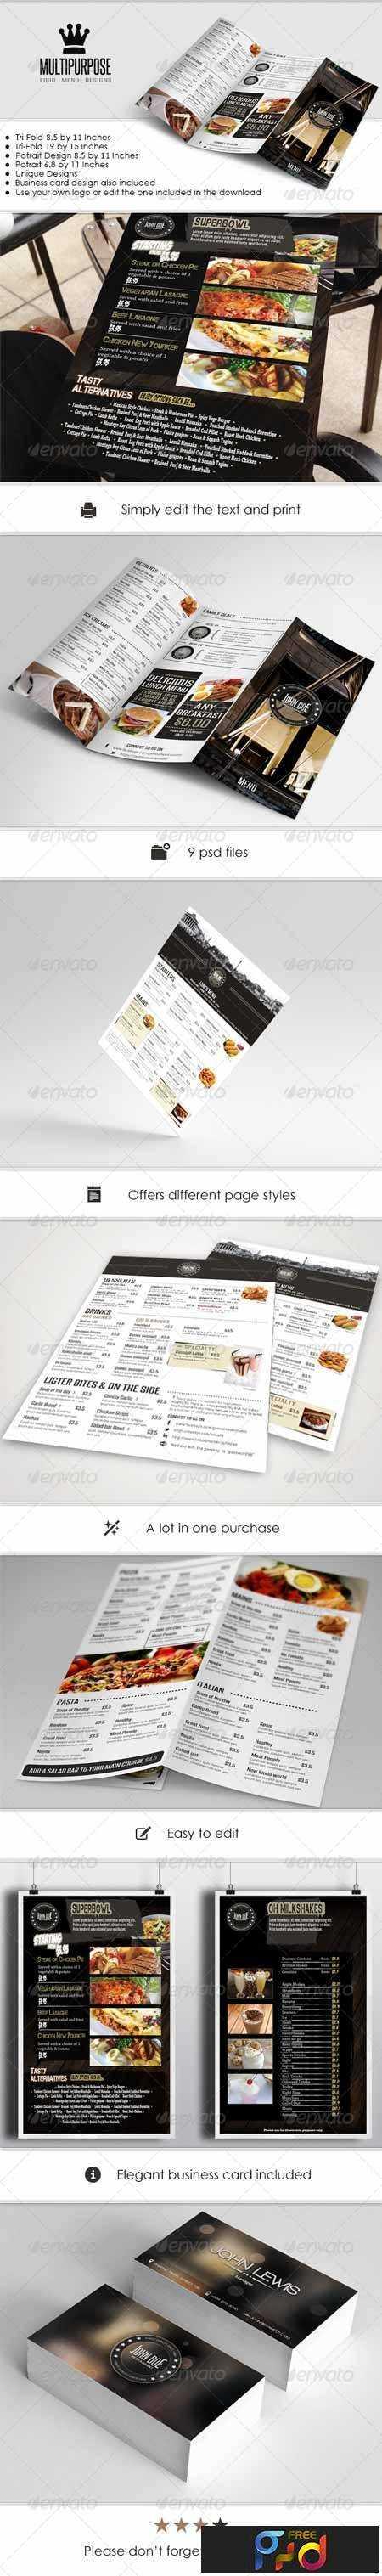 freepsdvn-com_1433790203_menu-pack-5429421